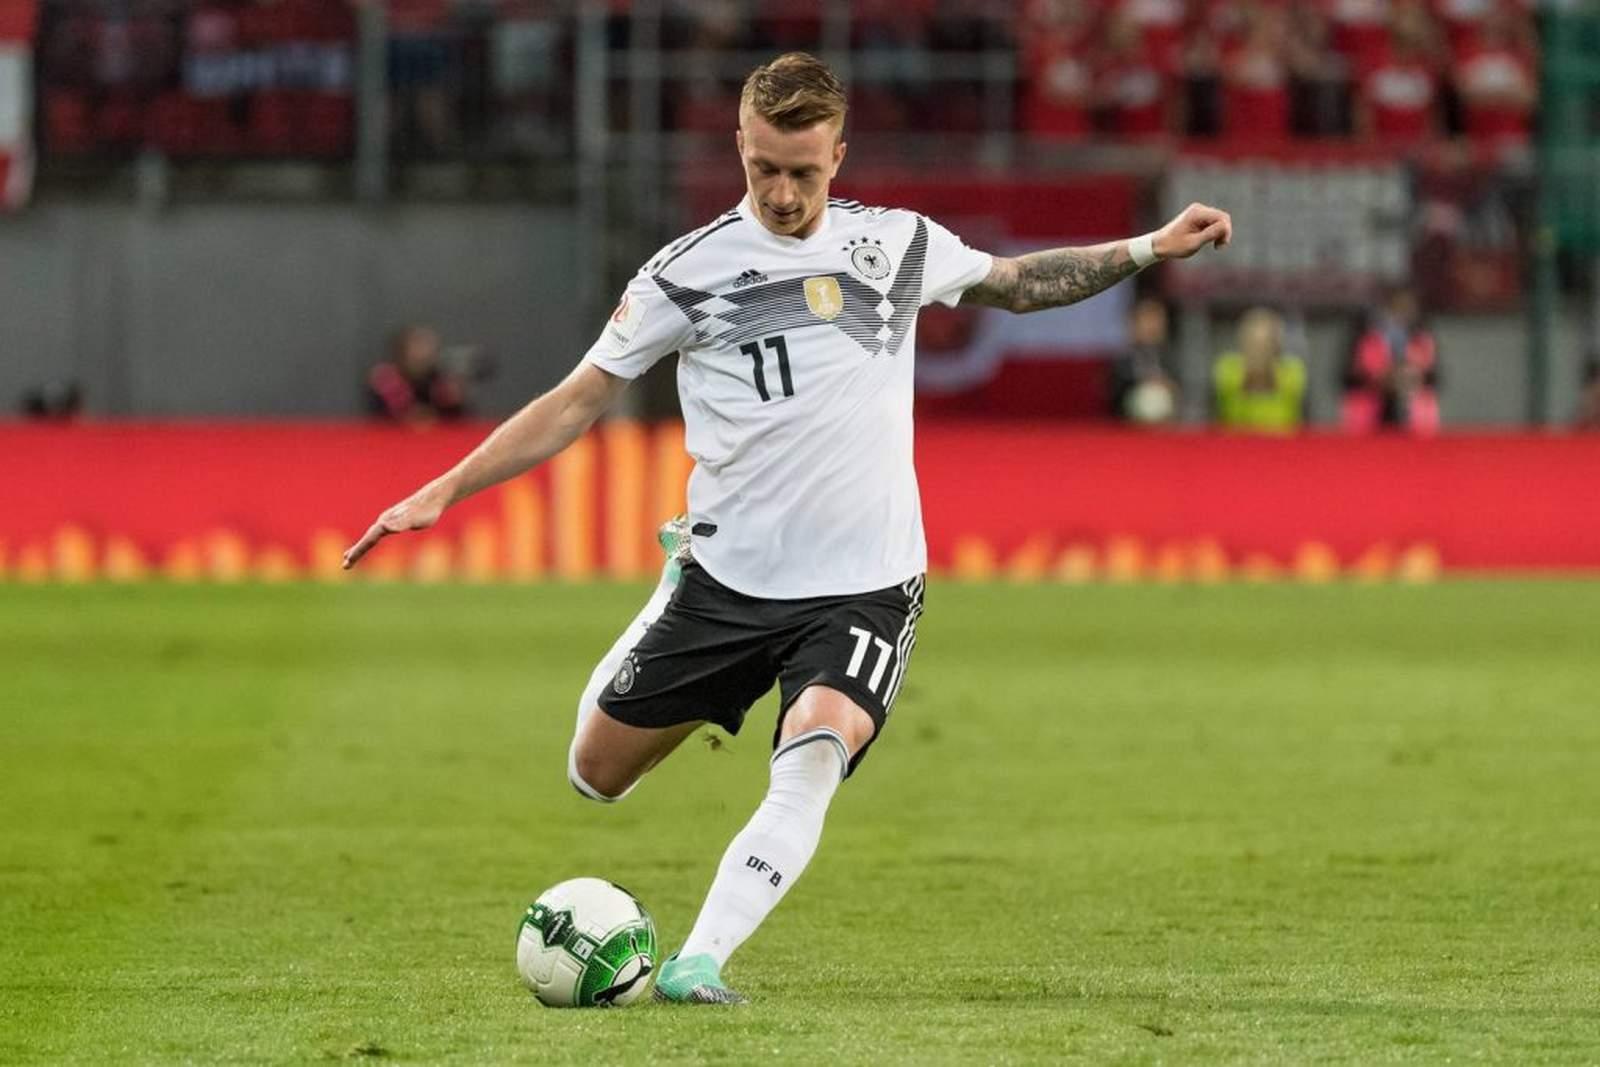 Marco Reus zieht ab. Jetzt auf Deutschland gegen Schweden wetten.